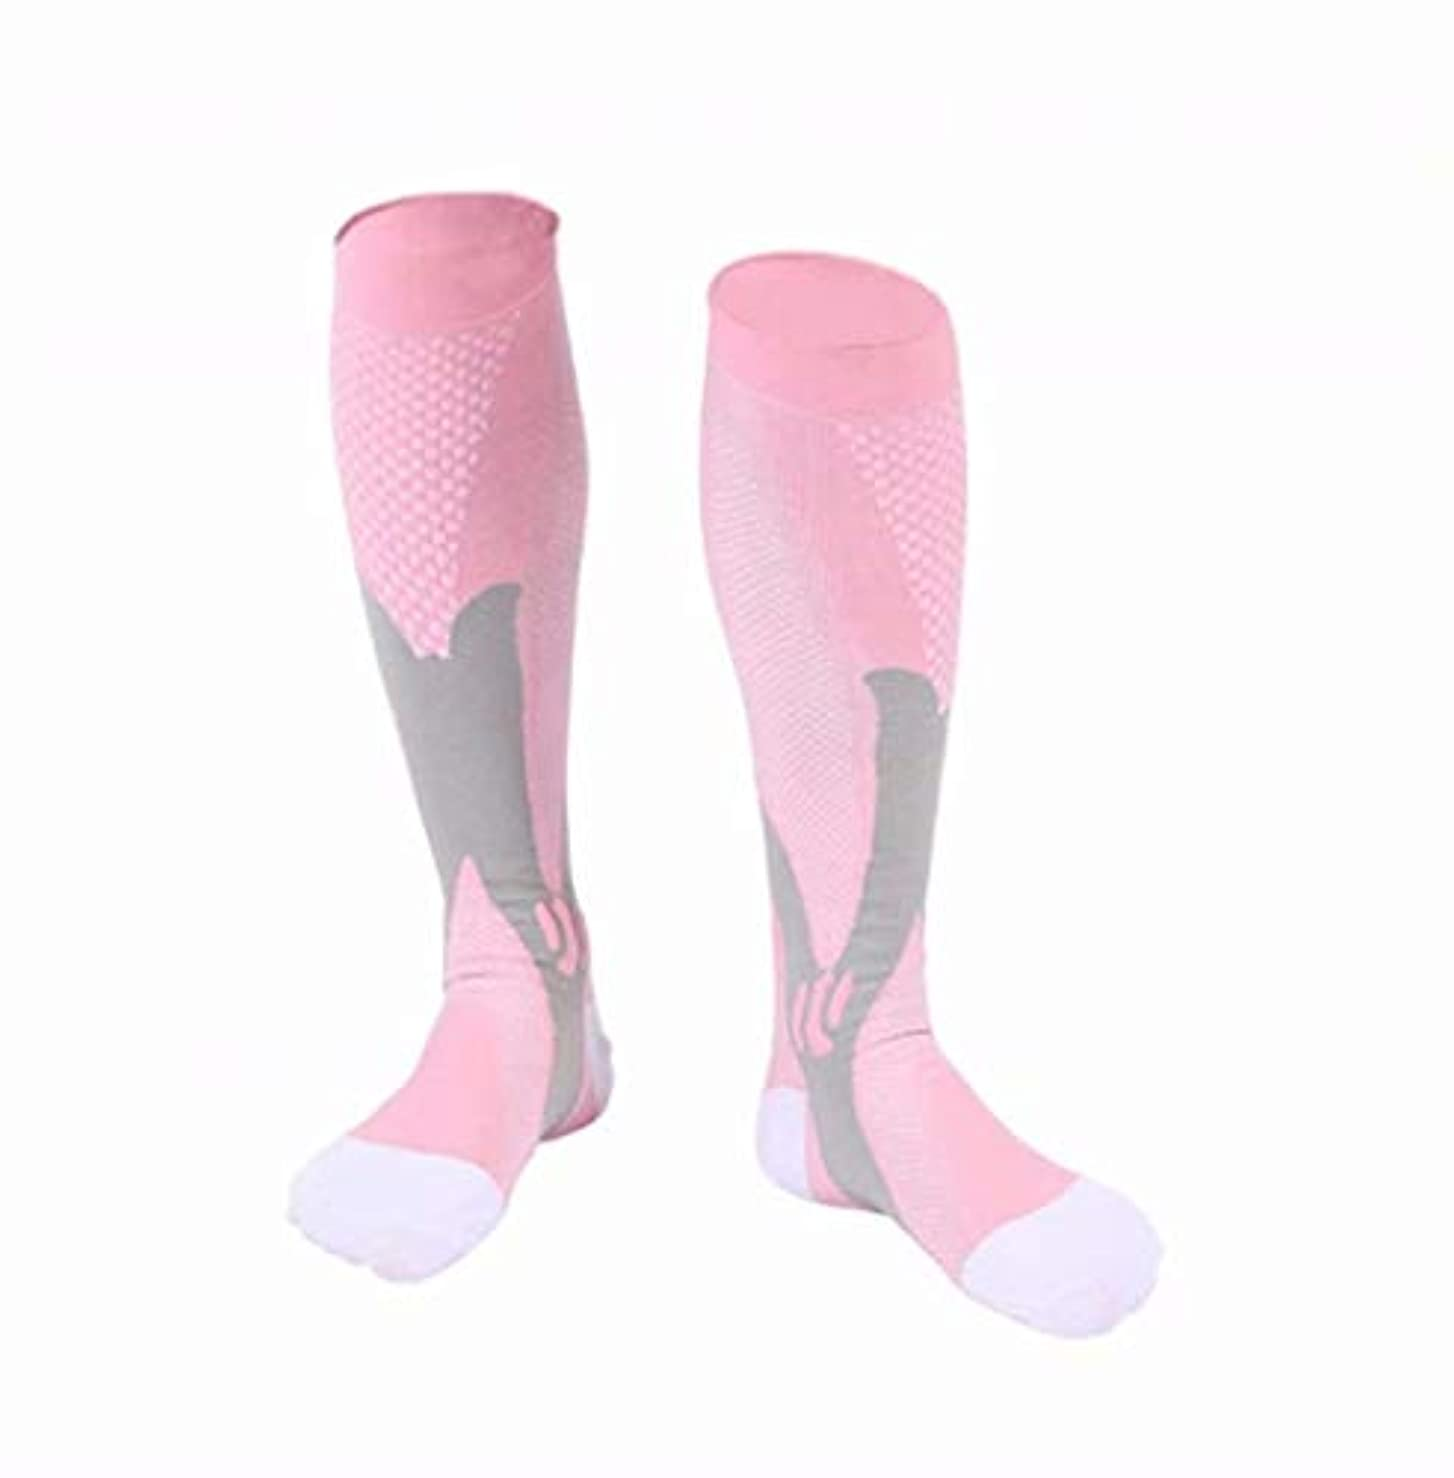 ジェームズダイソンドアミラー断言する七里の香 圧縮靴下 医療ストッキングマタニティトラベル